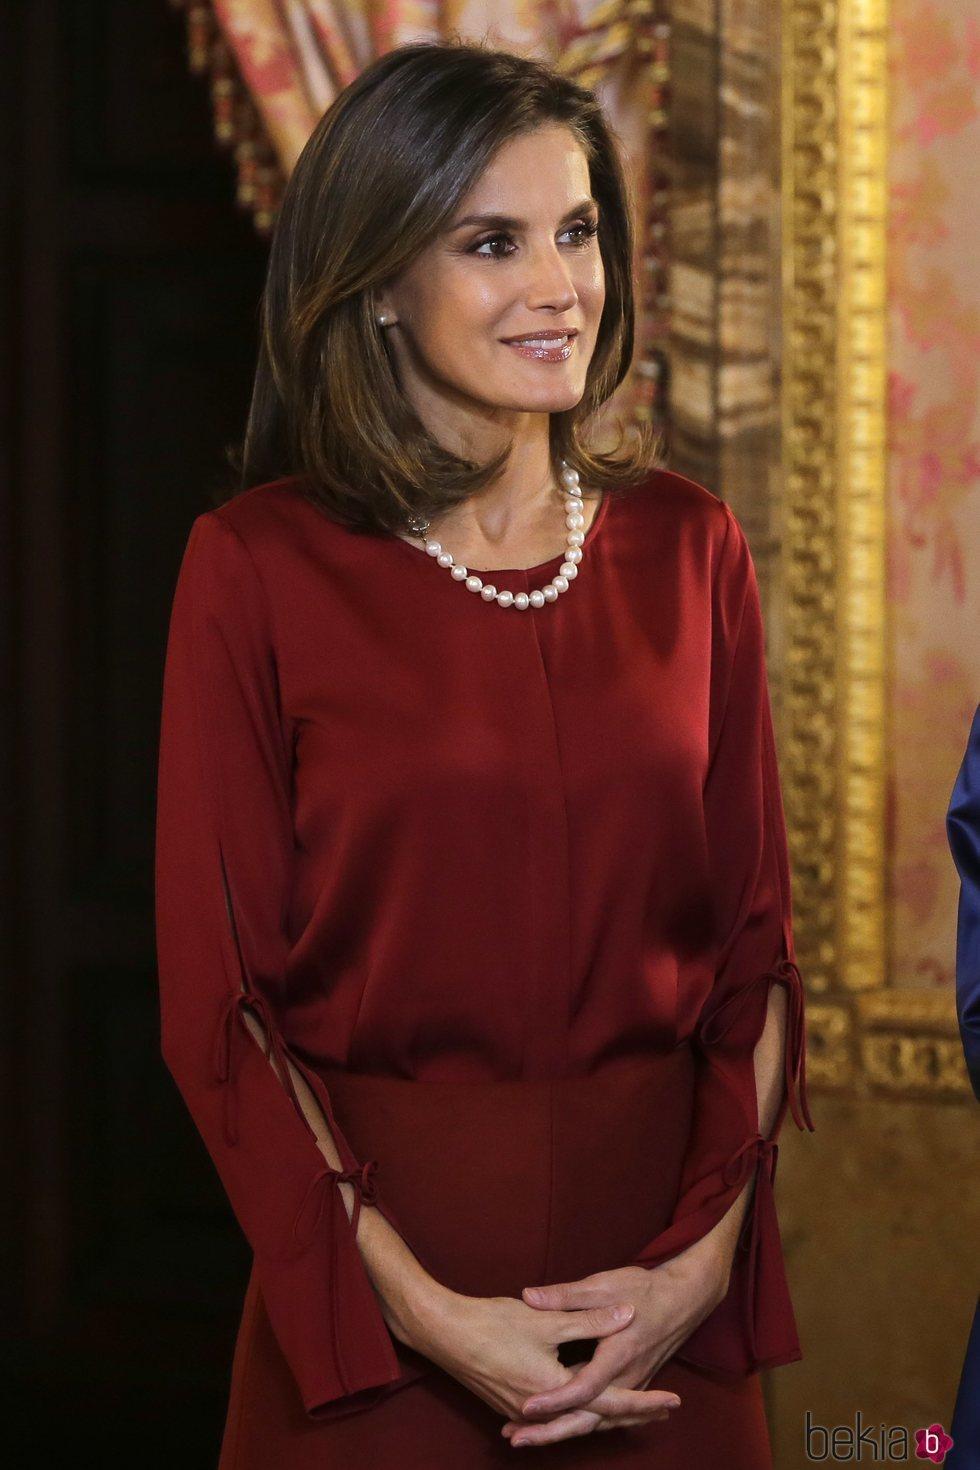 La Reina Letizia en la recepción ofrecida al Presidente de Alemania en el Palacio Real